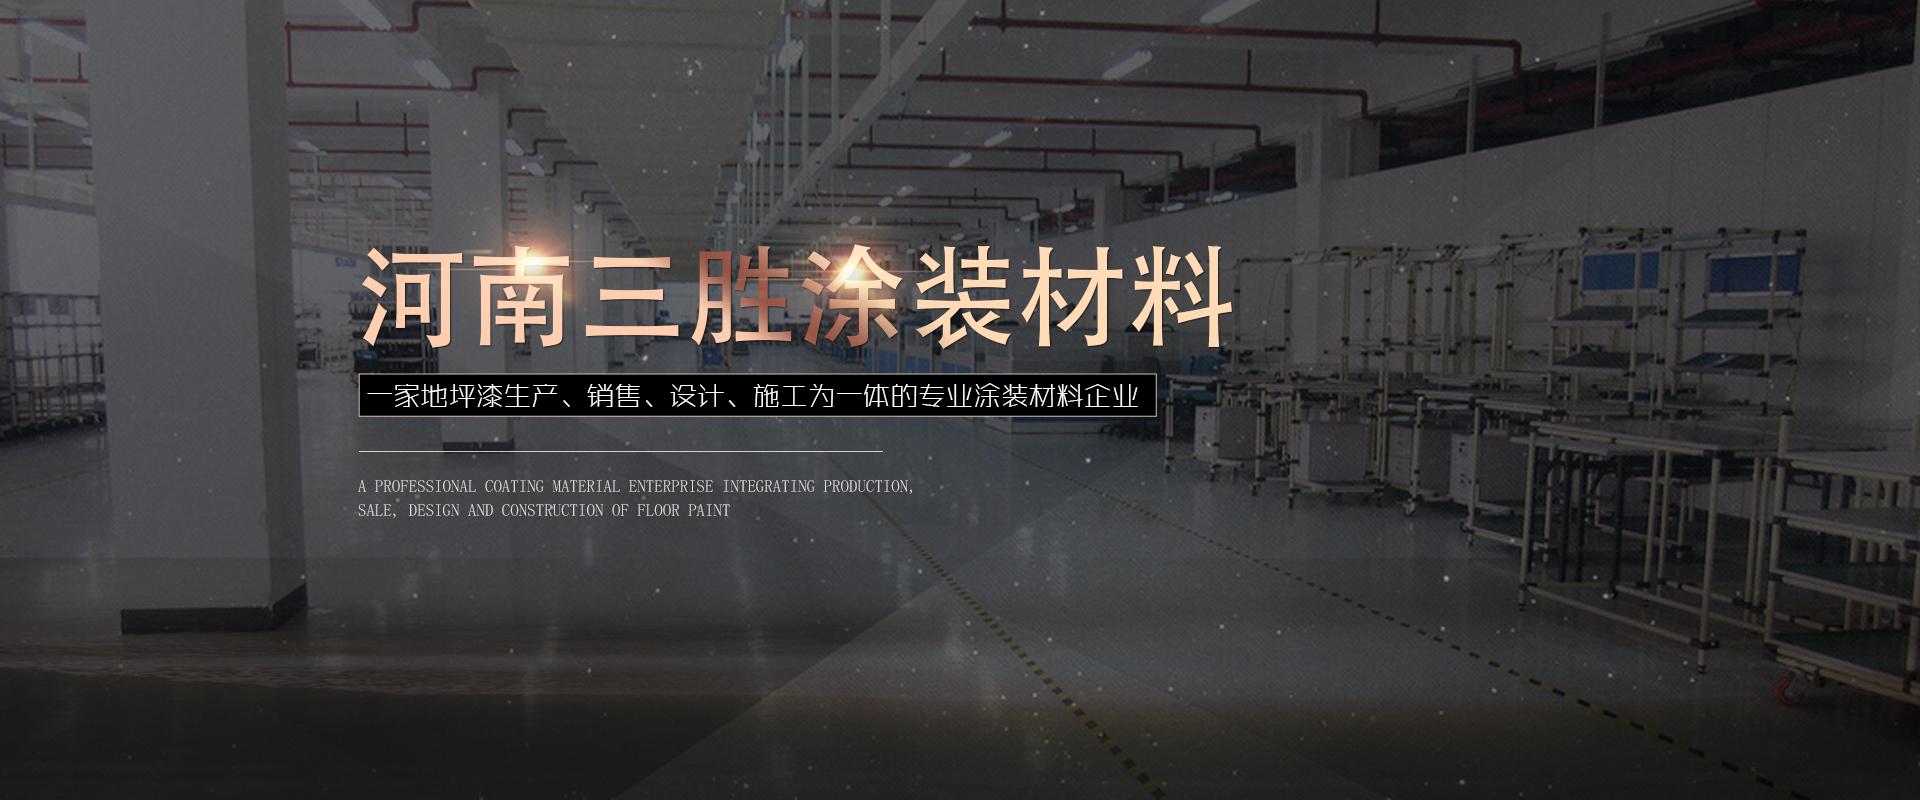 河南三胜涂装材料有限公司